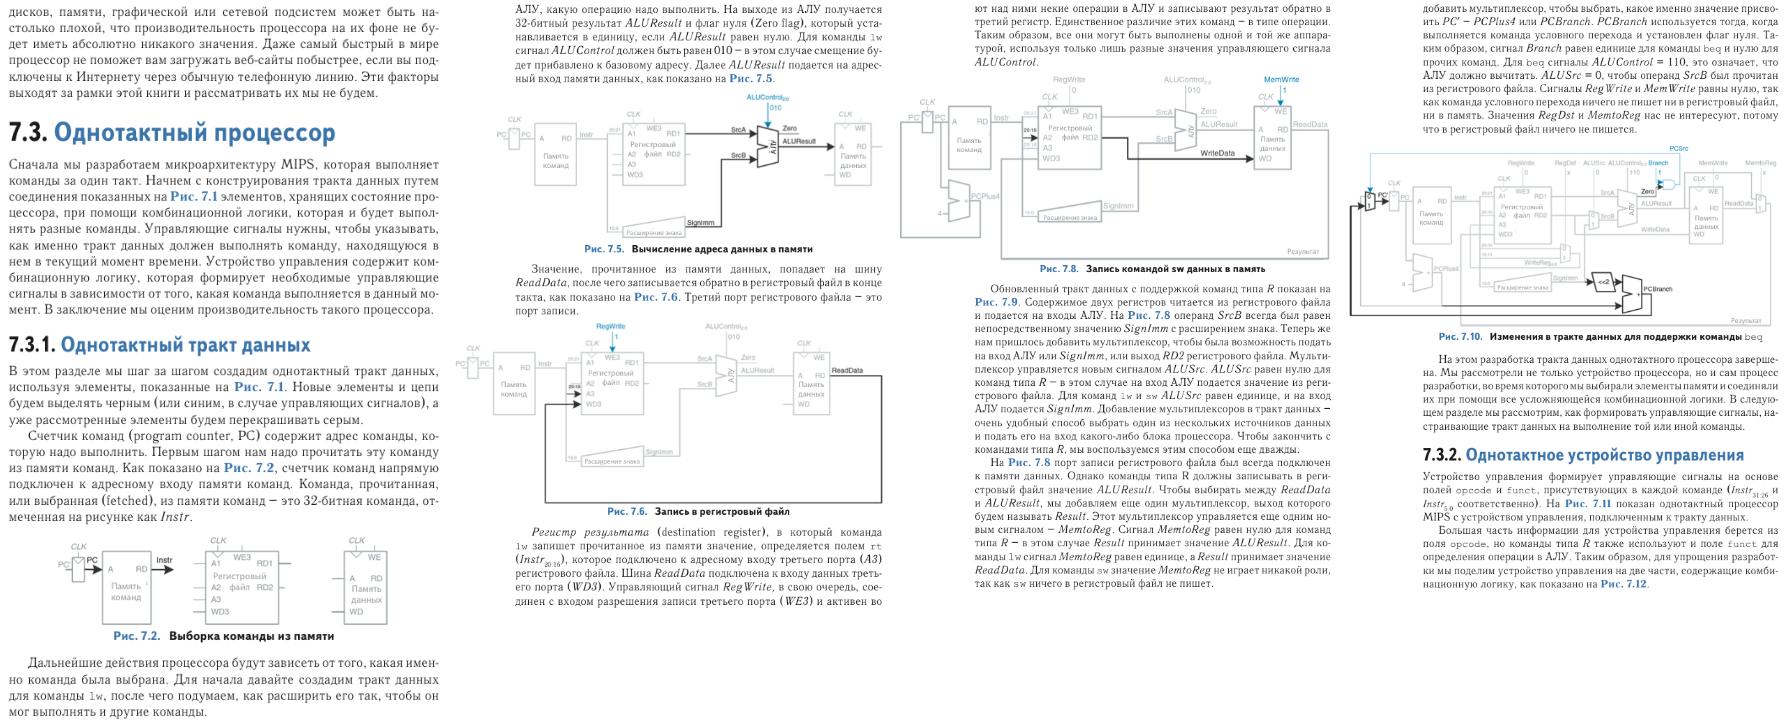 Избранные места из популярного учебника микроэлектроники на русском, который наконец-то выходит на бумаге - 3